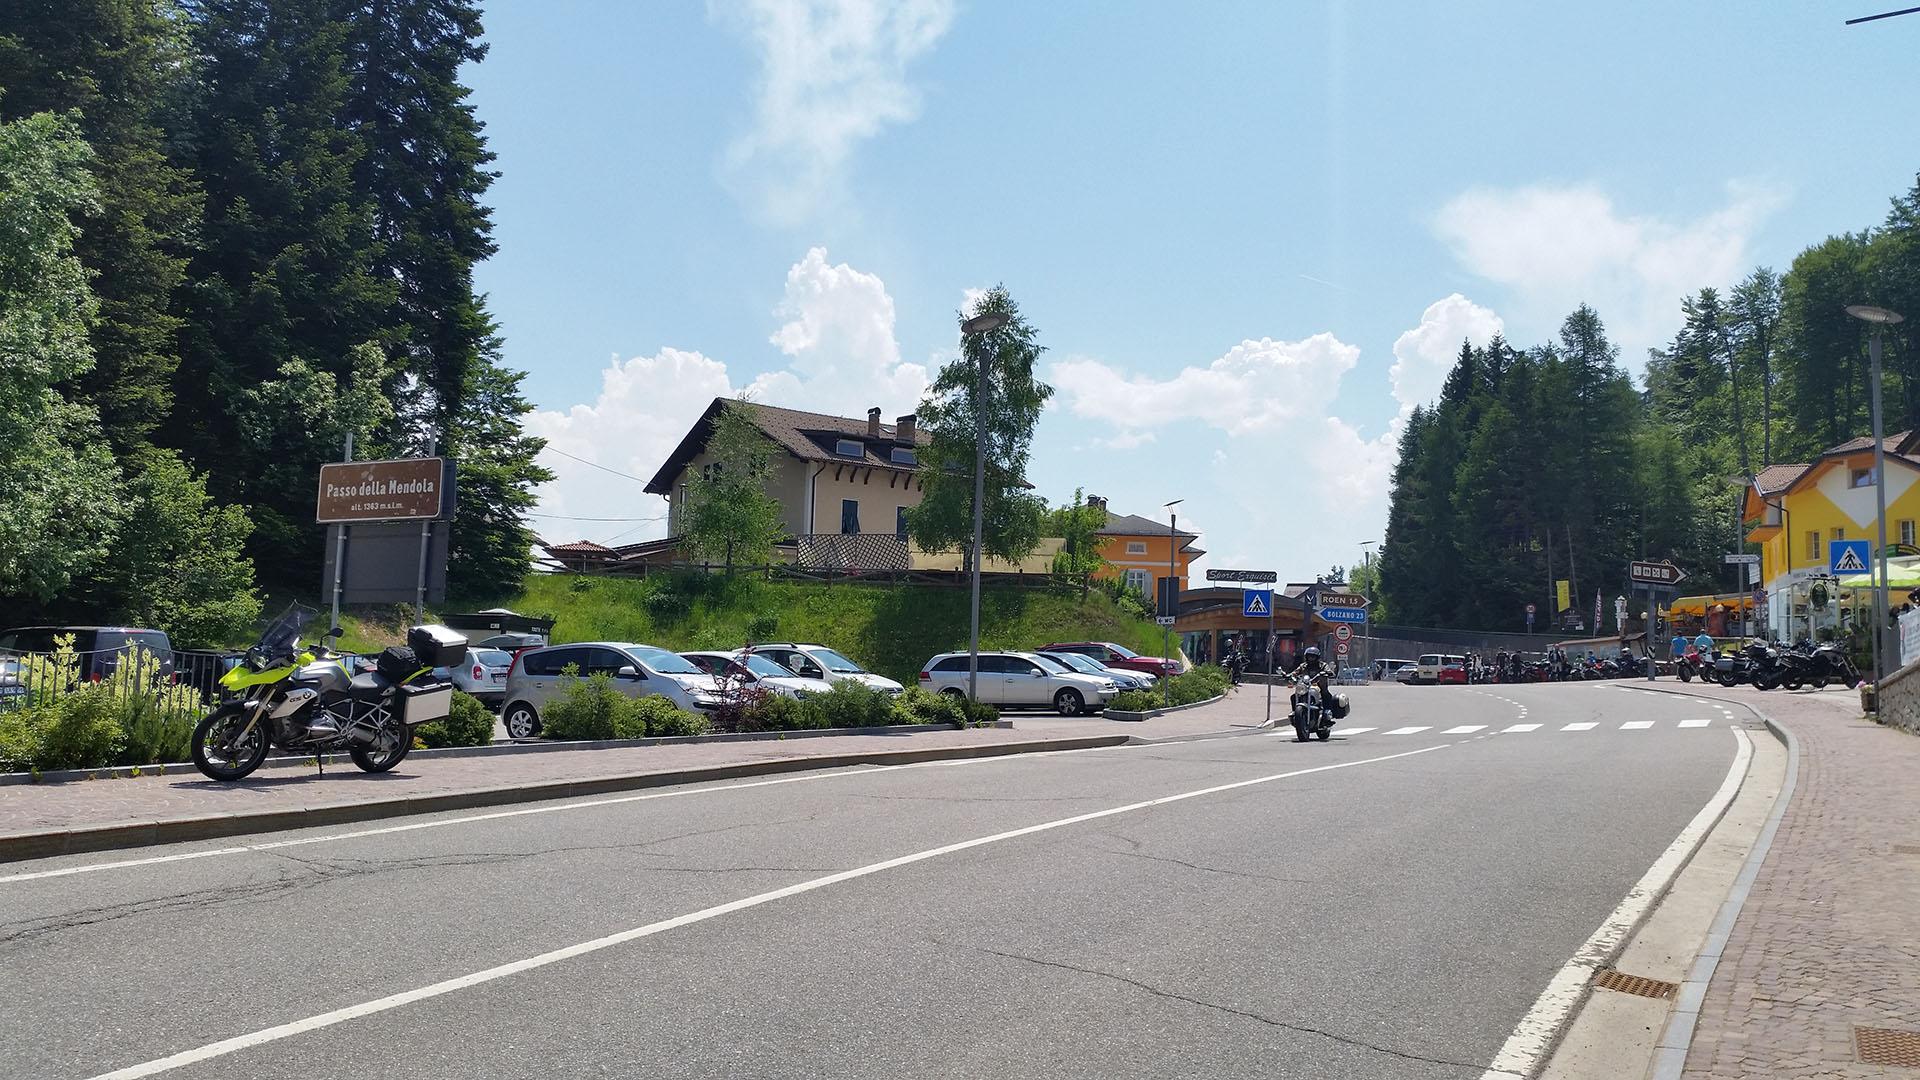 1363 - I - Mendel-Pass (Passo della Mendola)